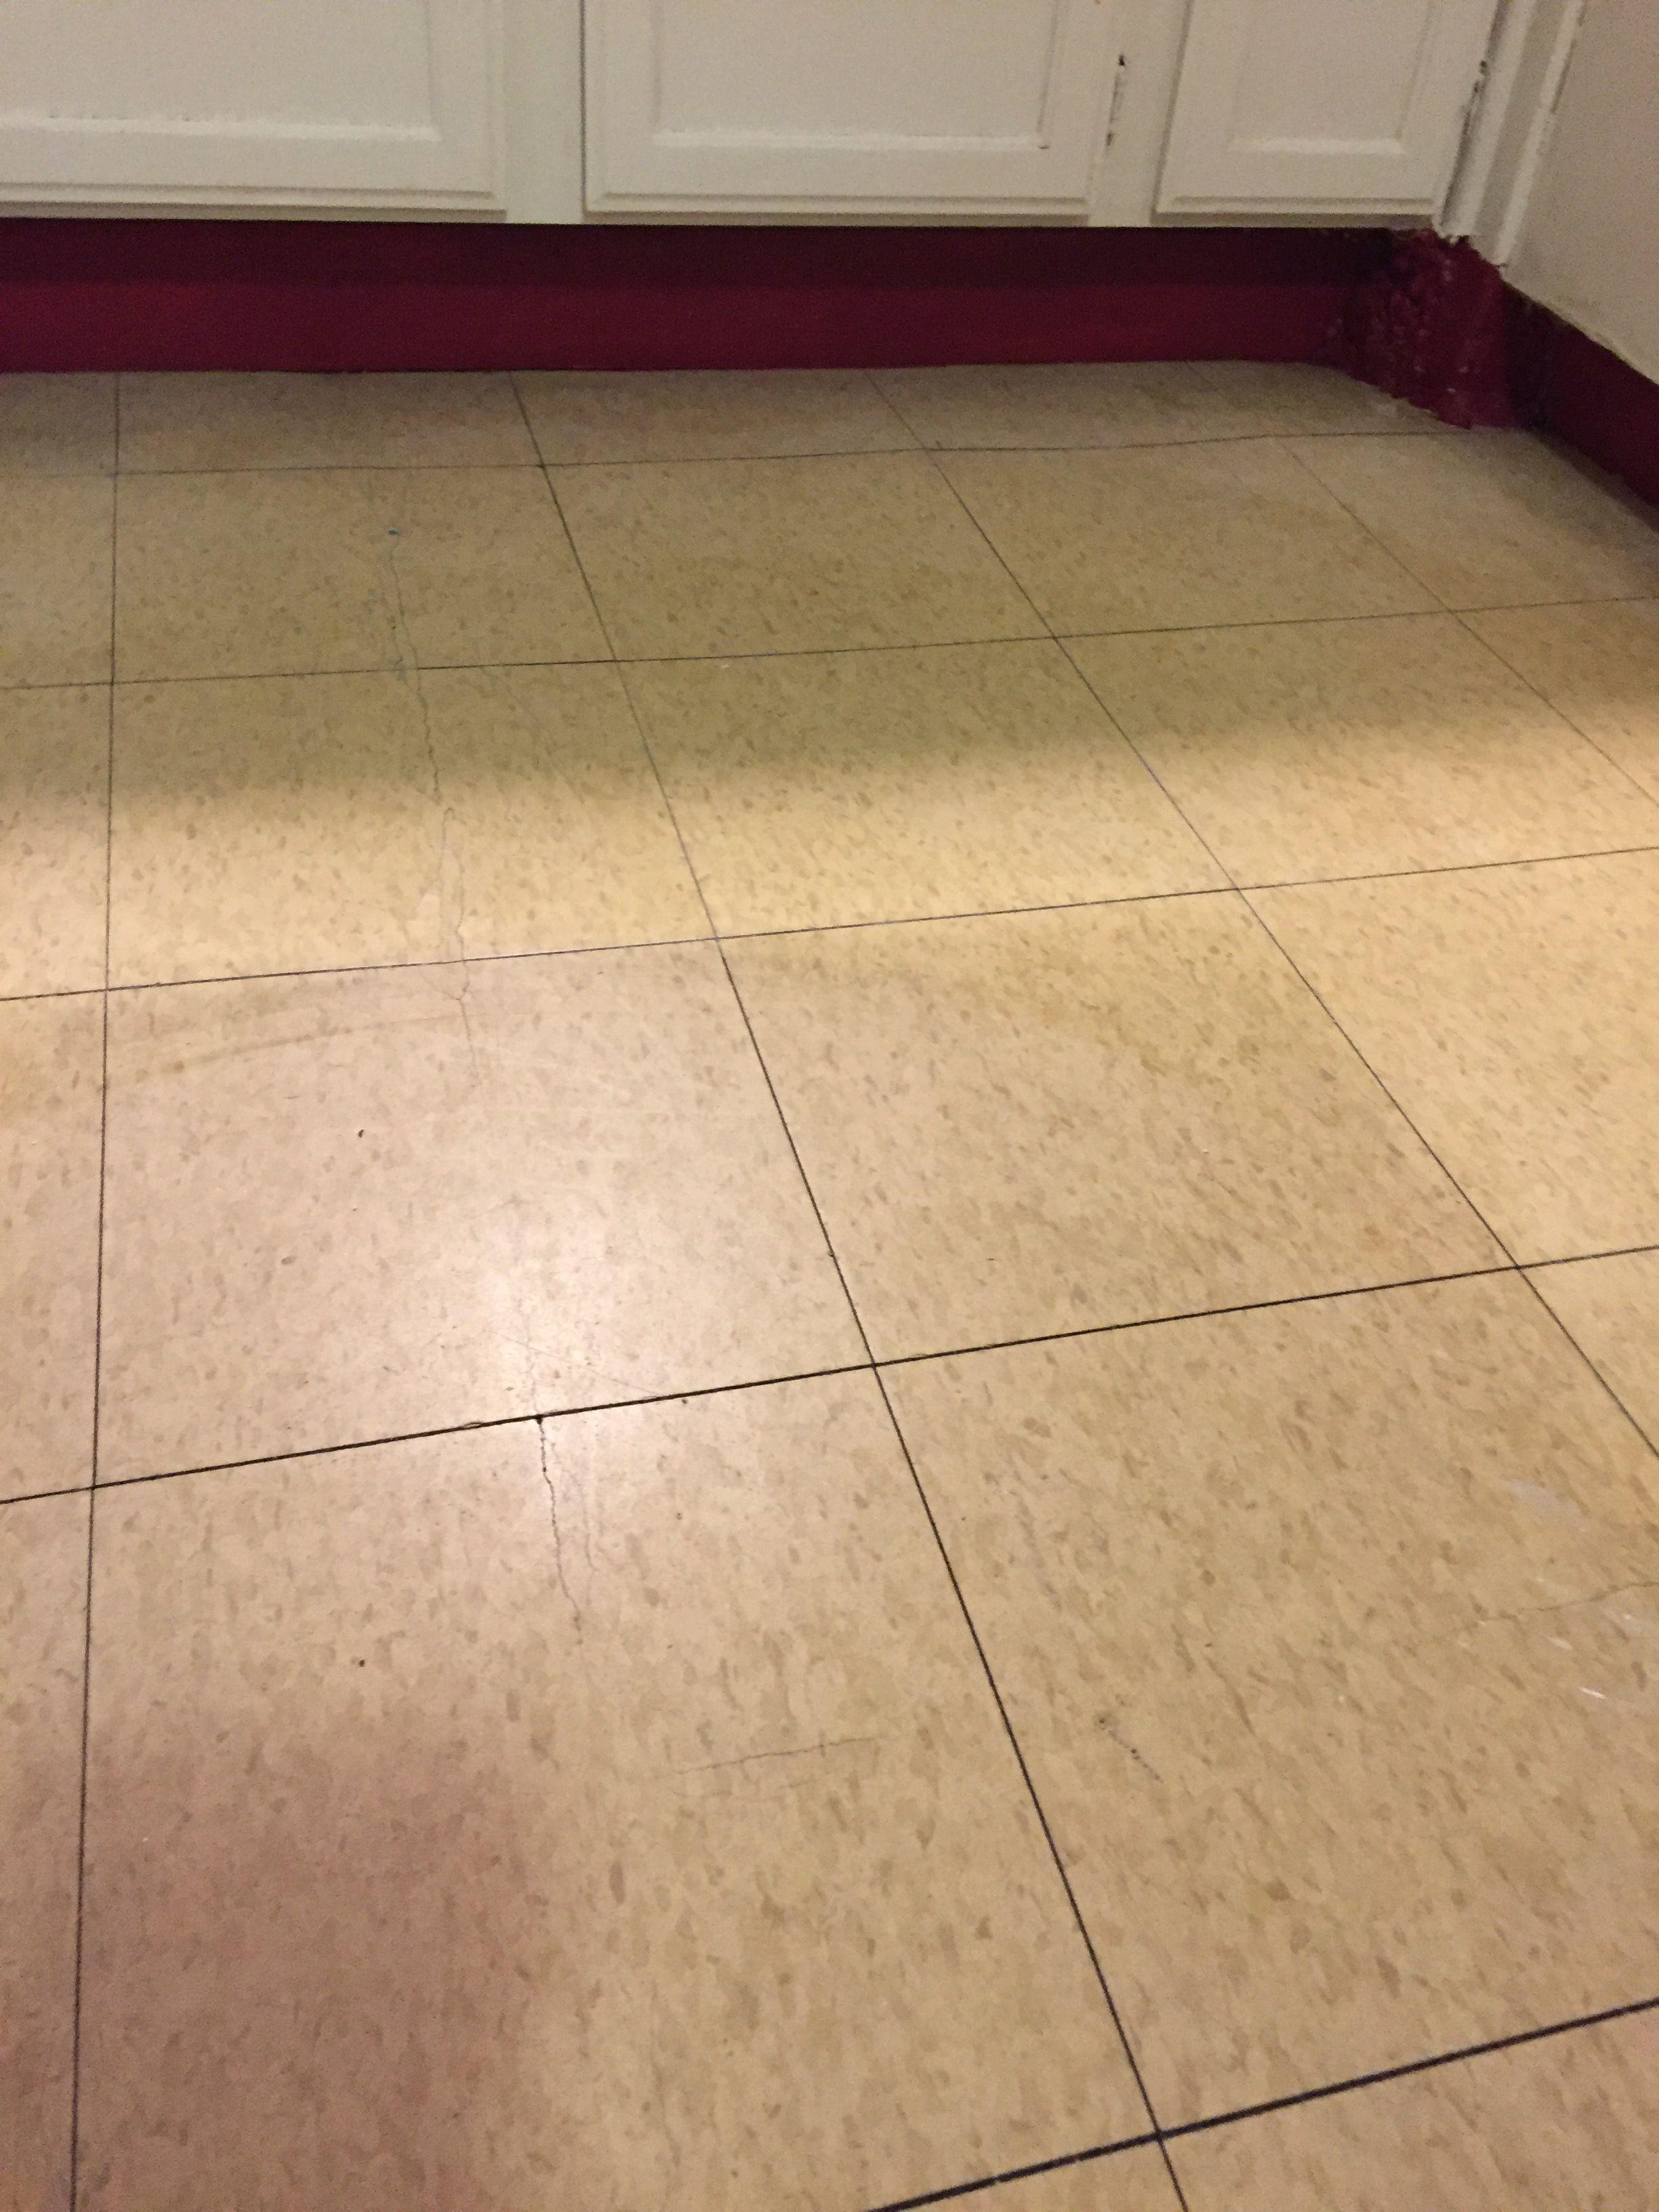 Ajax Powder W Bleach To Deep Clean Floor Cleaning Tile Floors Floor Cleaner Tile Floor